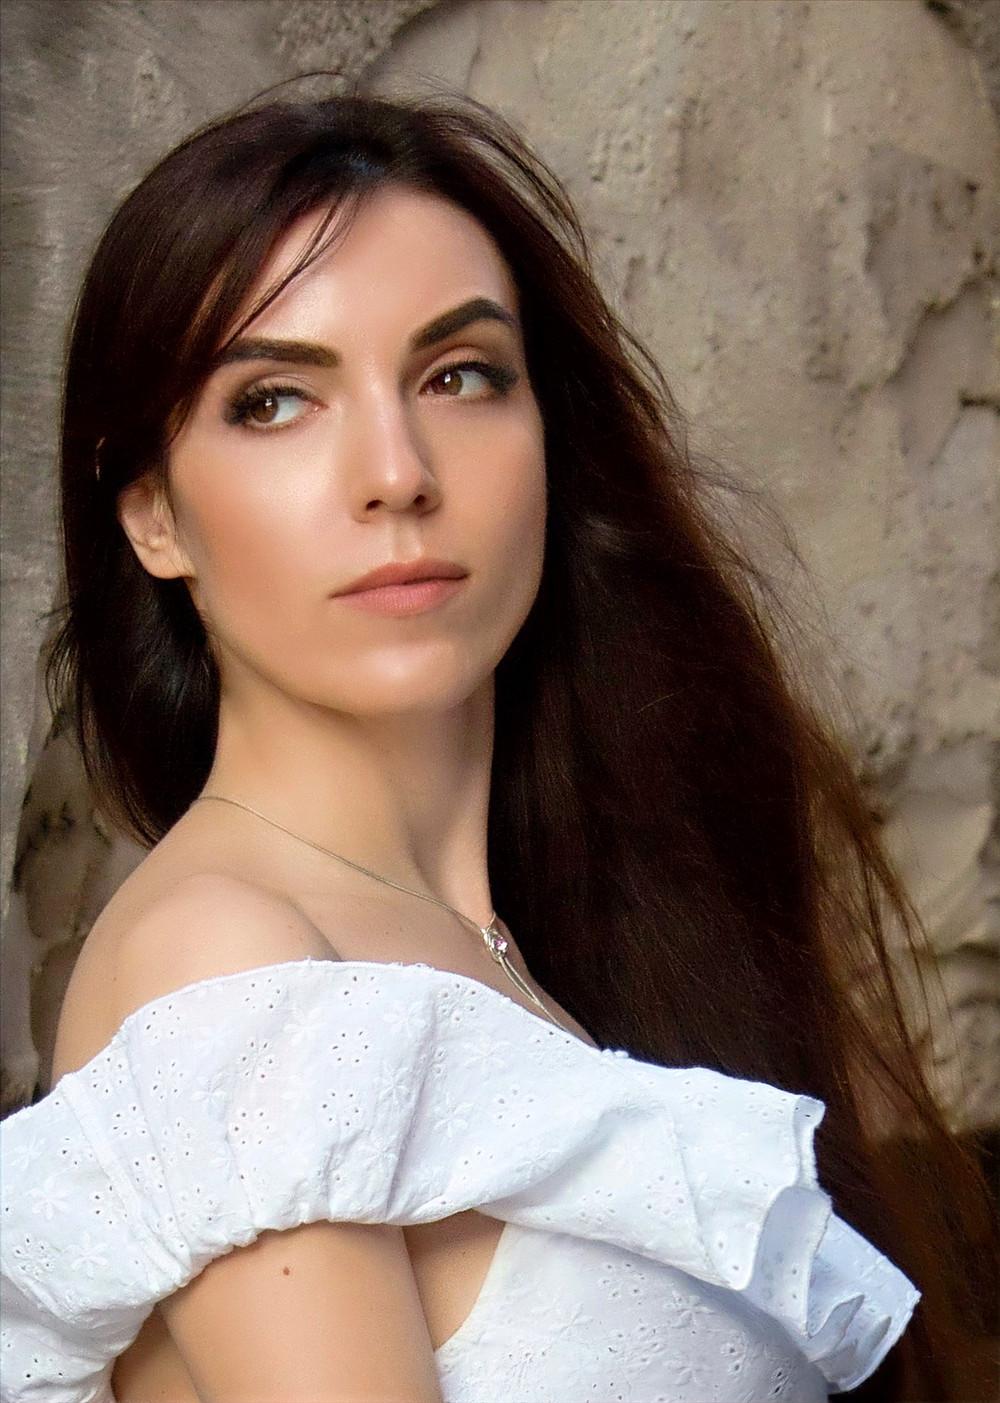 Matchmaking agency Princess date, beautiful brunette Russian girl beautiful girl Russian dating agency